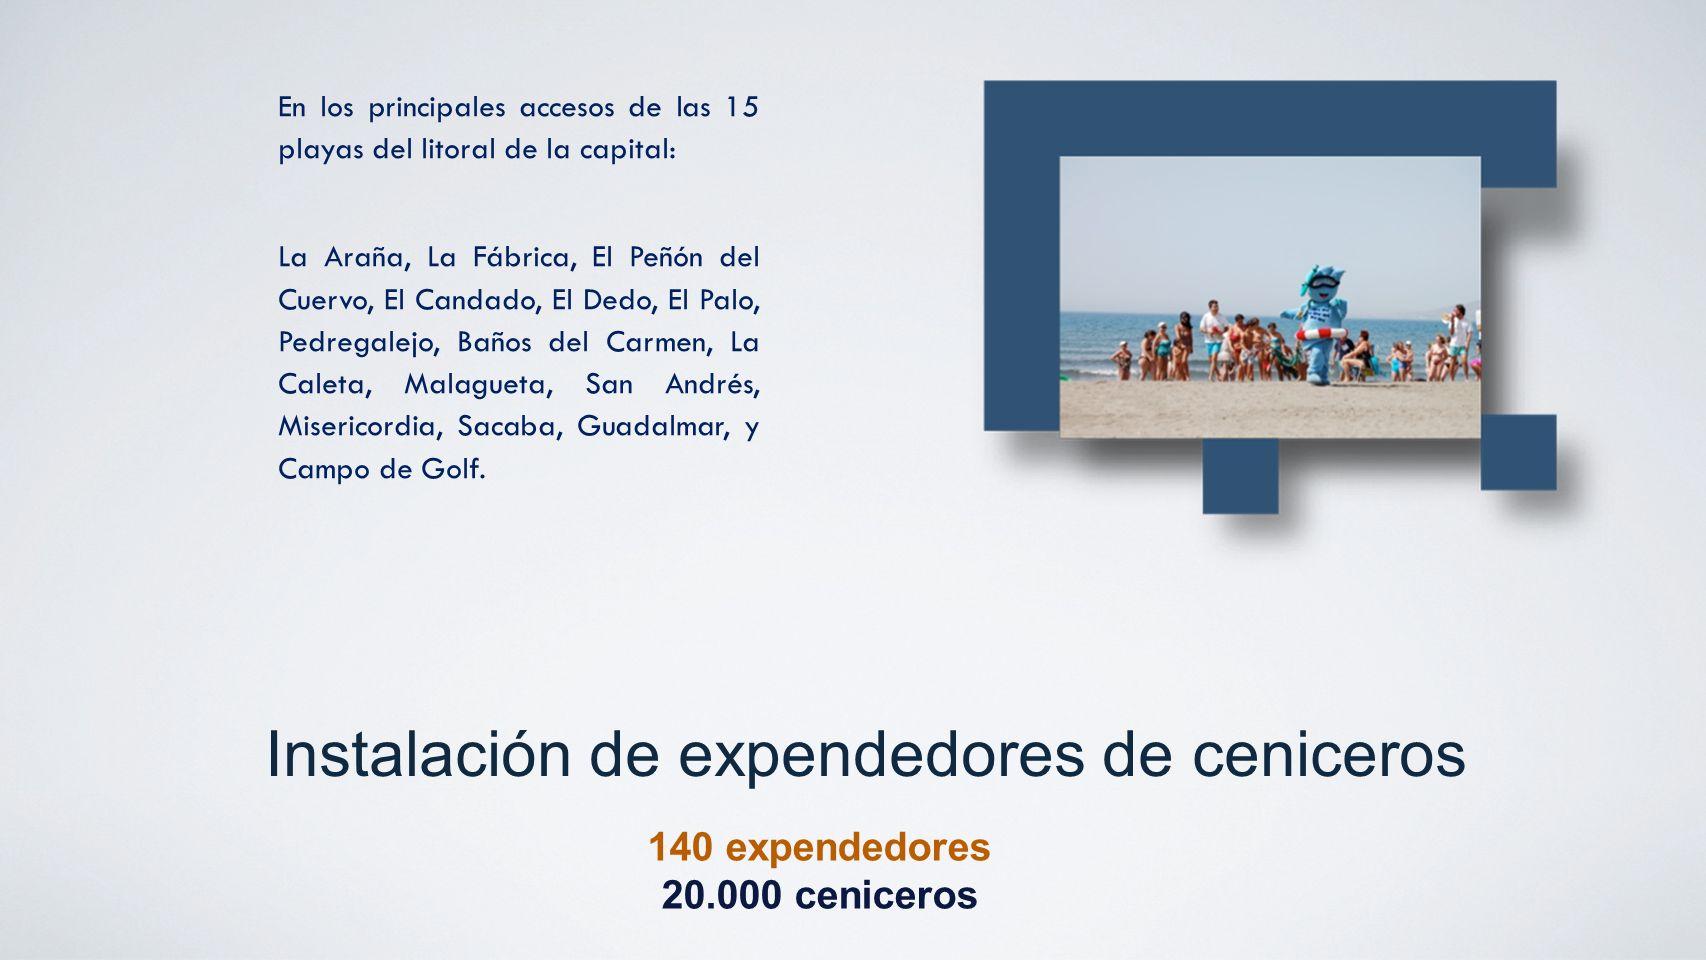 Instalación de expendedores de ceniceros 140 expendedores 20.000 ceniceros En los principales accesos de las 15 playas del litoral de la capital: La A